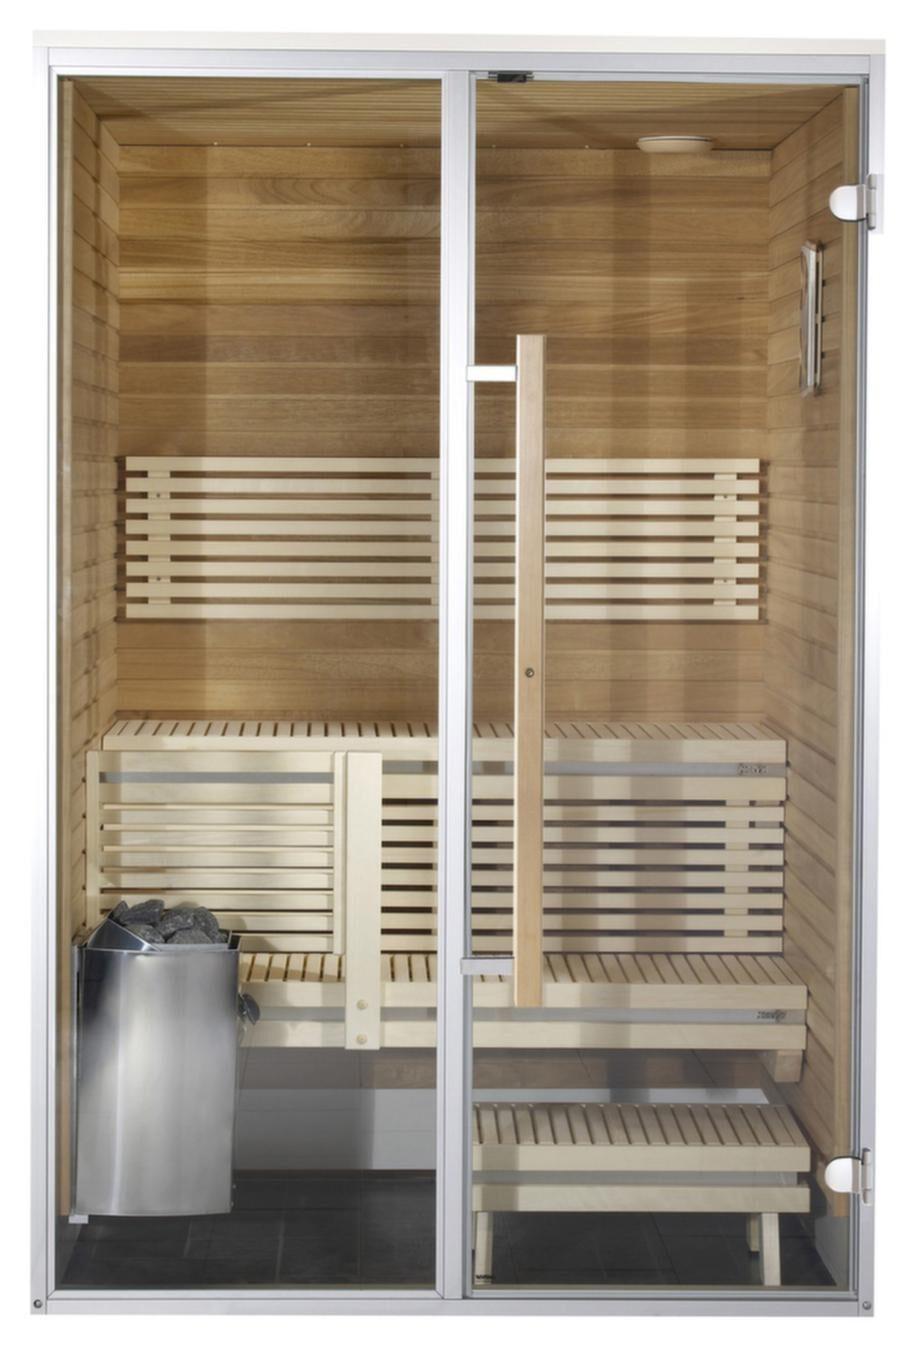 Harvia Sirius badrumsbastu (SC1412)<br>Kapacitet: 2 personer. Yttermått: 208x124x140 cm. Aggregat: 3,5 kW. Dörr: Glas.<br>Material i vägg: Klibbal. Material på lavar/bänkar: Klibbal. Lägsta rumshöjd för montage: 2,25 meter.<br>Harvia Sirius är en bastumodell med stor glasyta. Alla Harvia Sirius modeller har en lavbredd på över en meter. Bastun har två lavar och bronsfärgade glas. Standardleveransen kommer med Formula-bastulave och alpaneler. Formula-bastulave kan även fås med asp. Bastuns vattentäta utsida lämpar sig bra som duschvägg. Modellen kan beställas med specialmått.<br>Cirkapris: 38 000 kronor